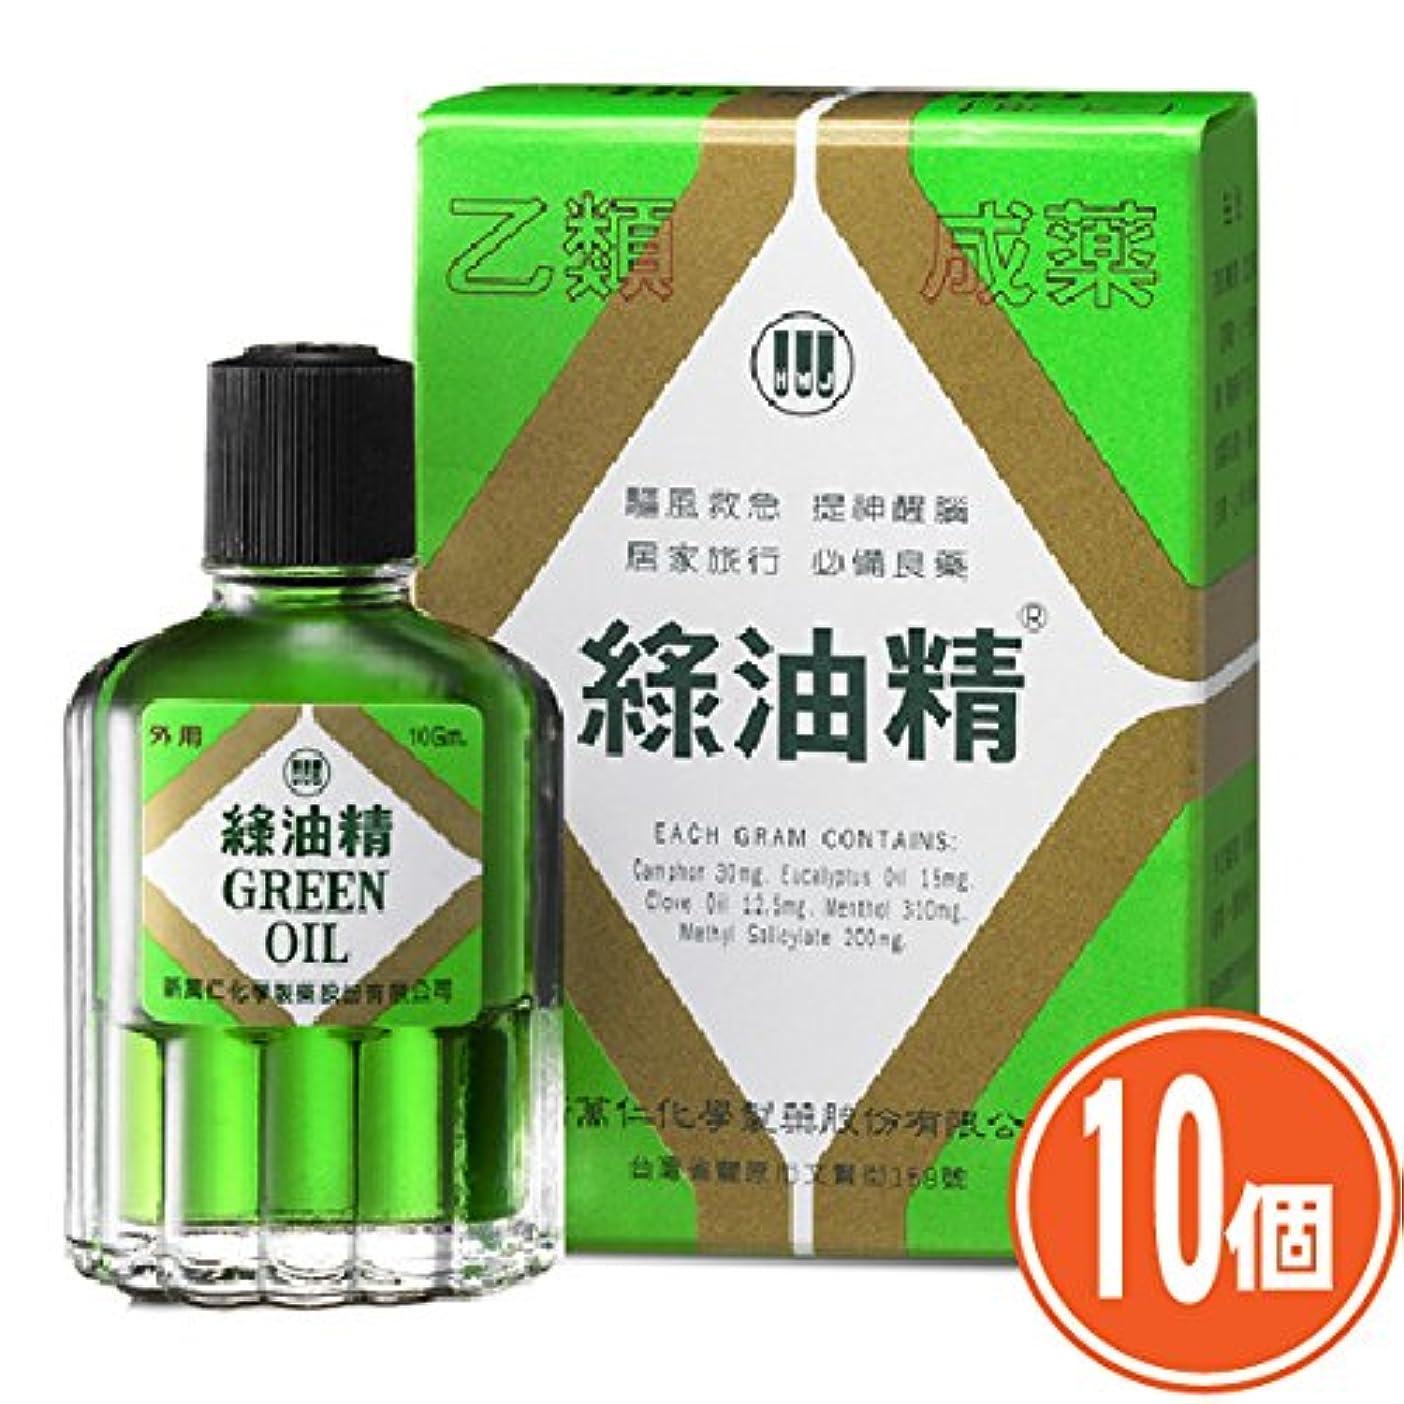 質量言語学じゃがいも《新萬仁》台湾の万能グリーンオイル 緑油精 10g ×10個 《台湾 お土産》(▼600円値引) [並行輸入品]